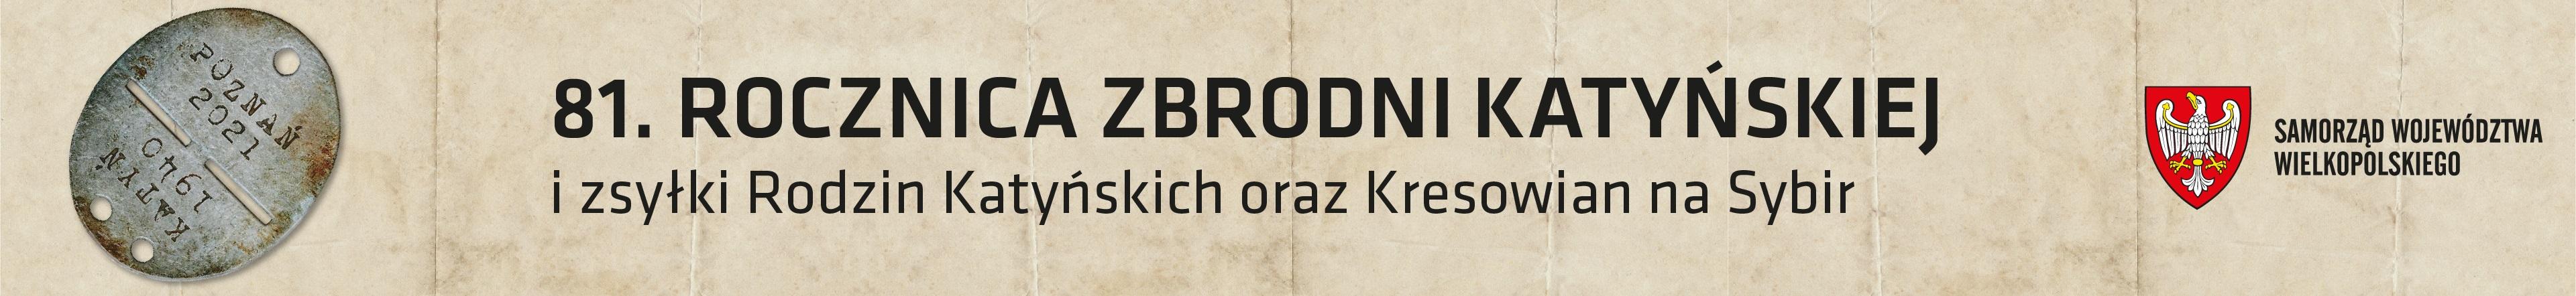 banner okolicznościowy